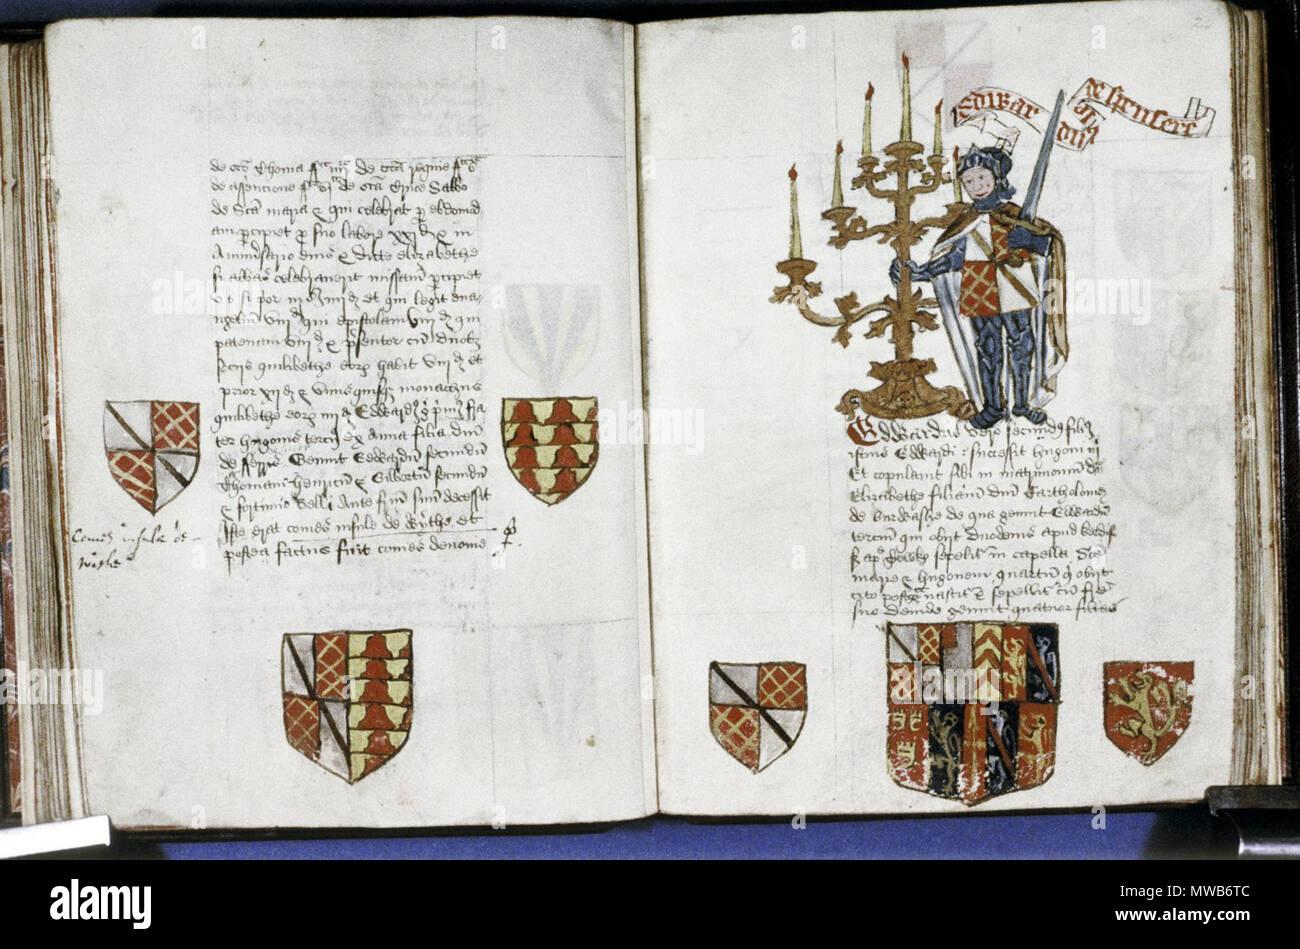 Inglese Fondatori E Benefattori Libro Di Tewkesbury Abbey Fol 23v